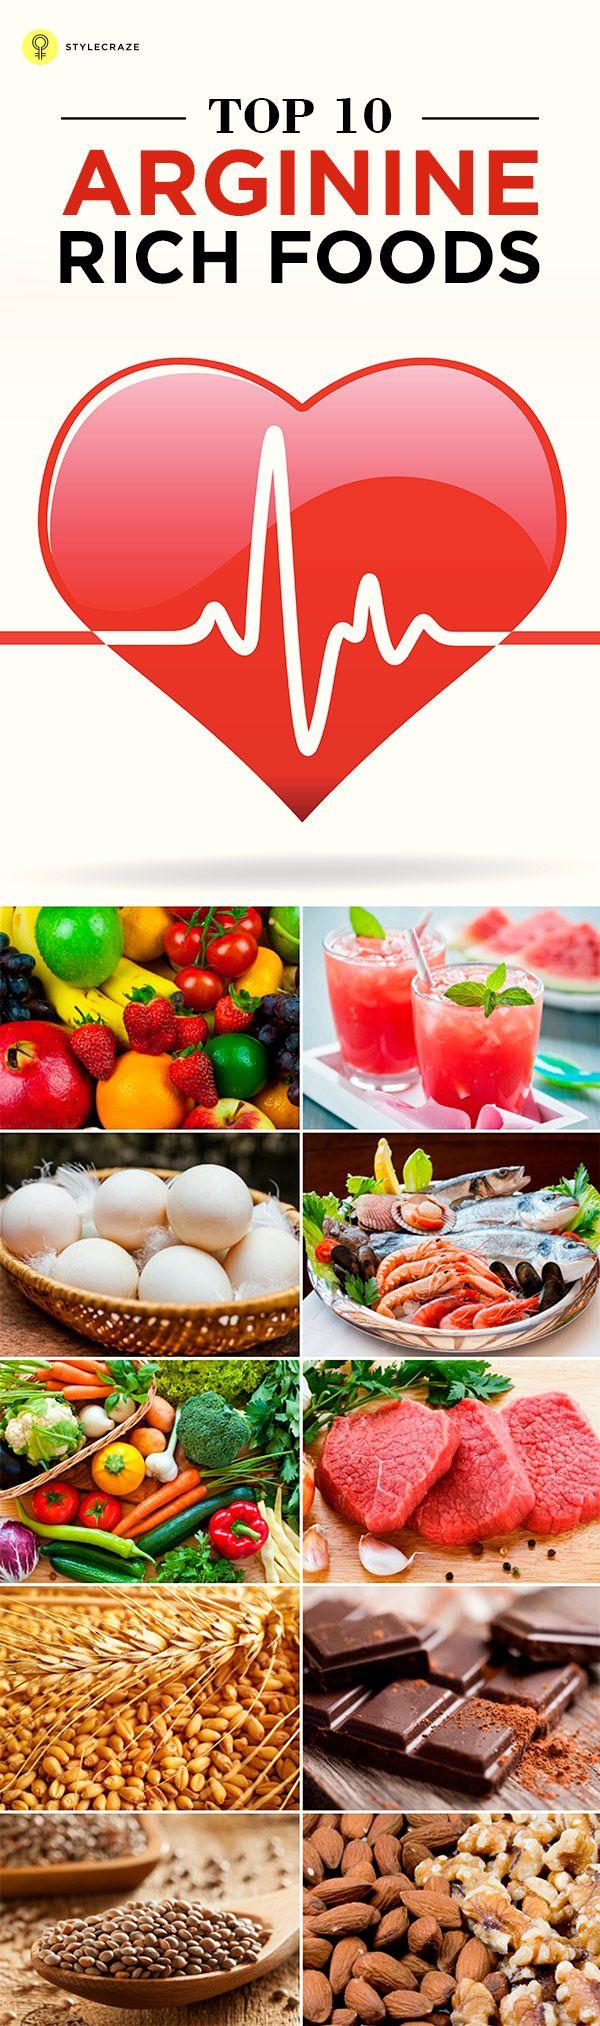 Top 10 Arginine Rich Foods